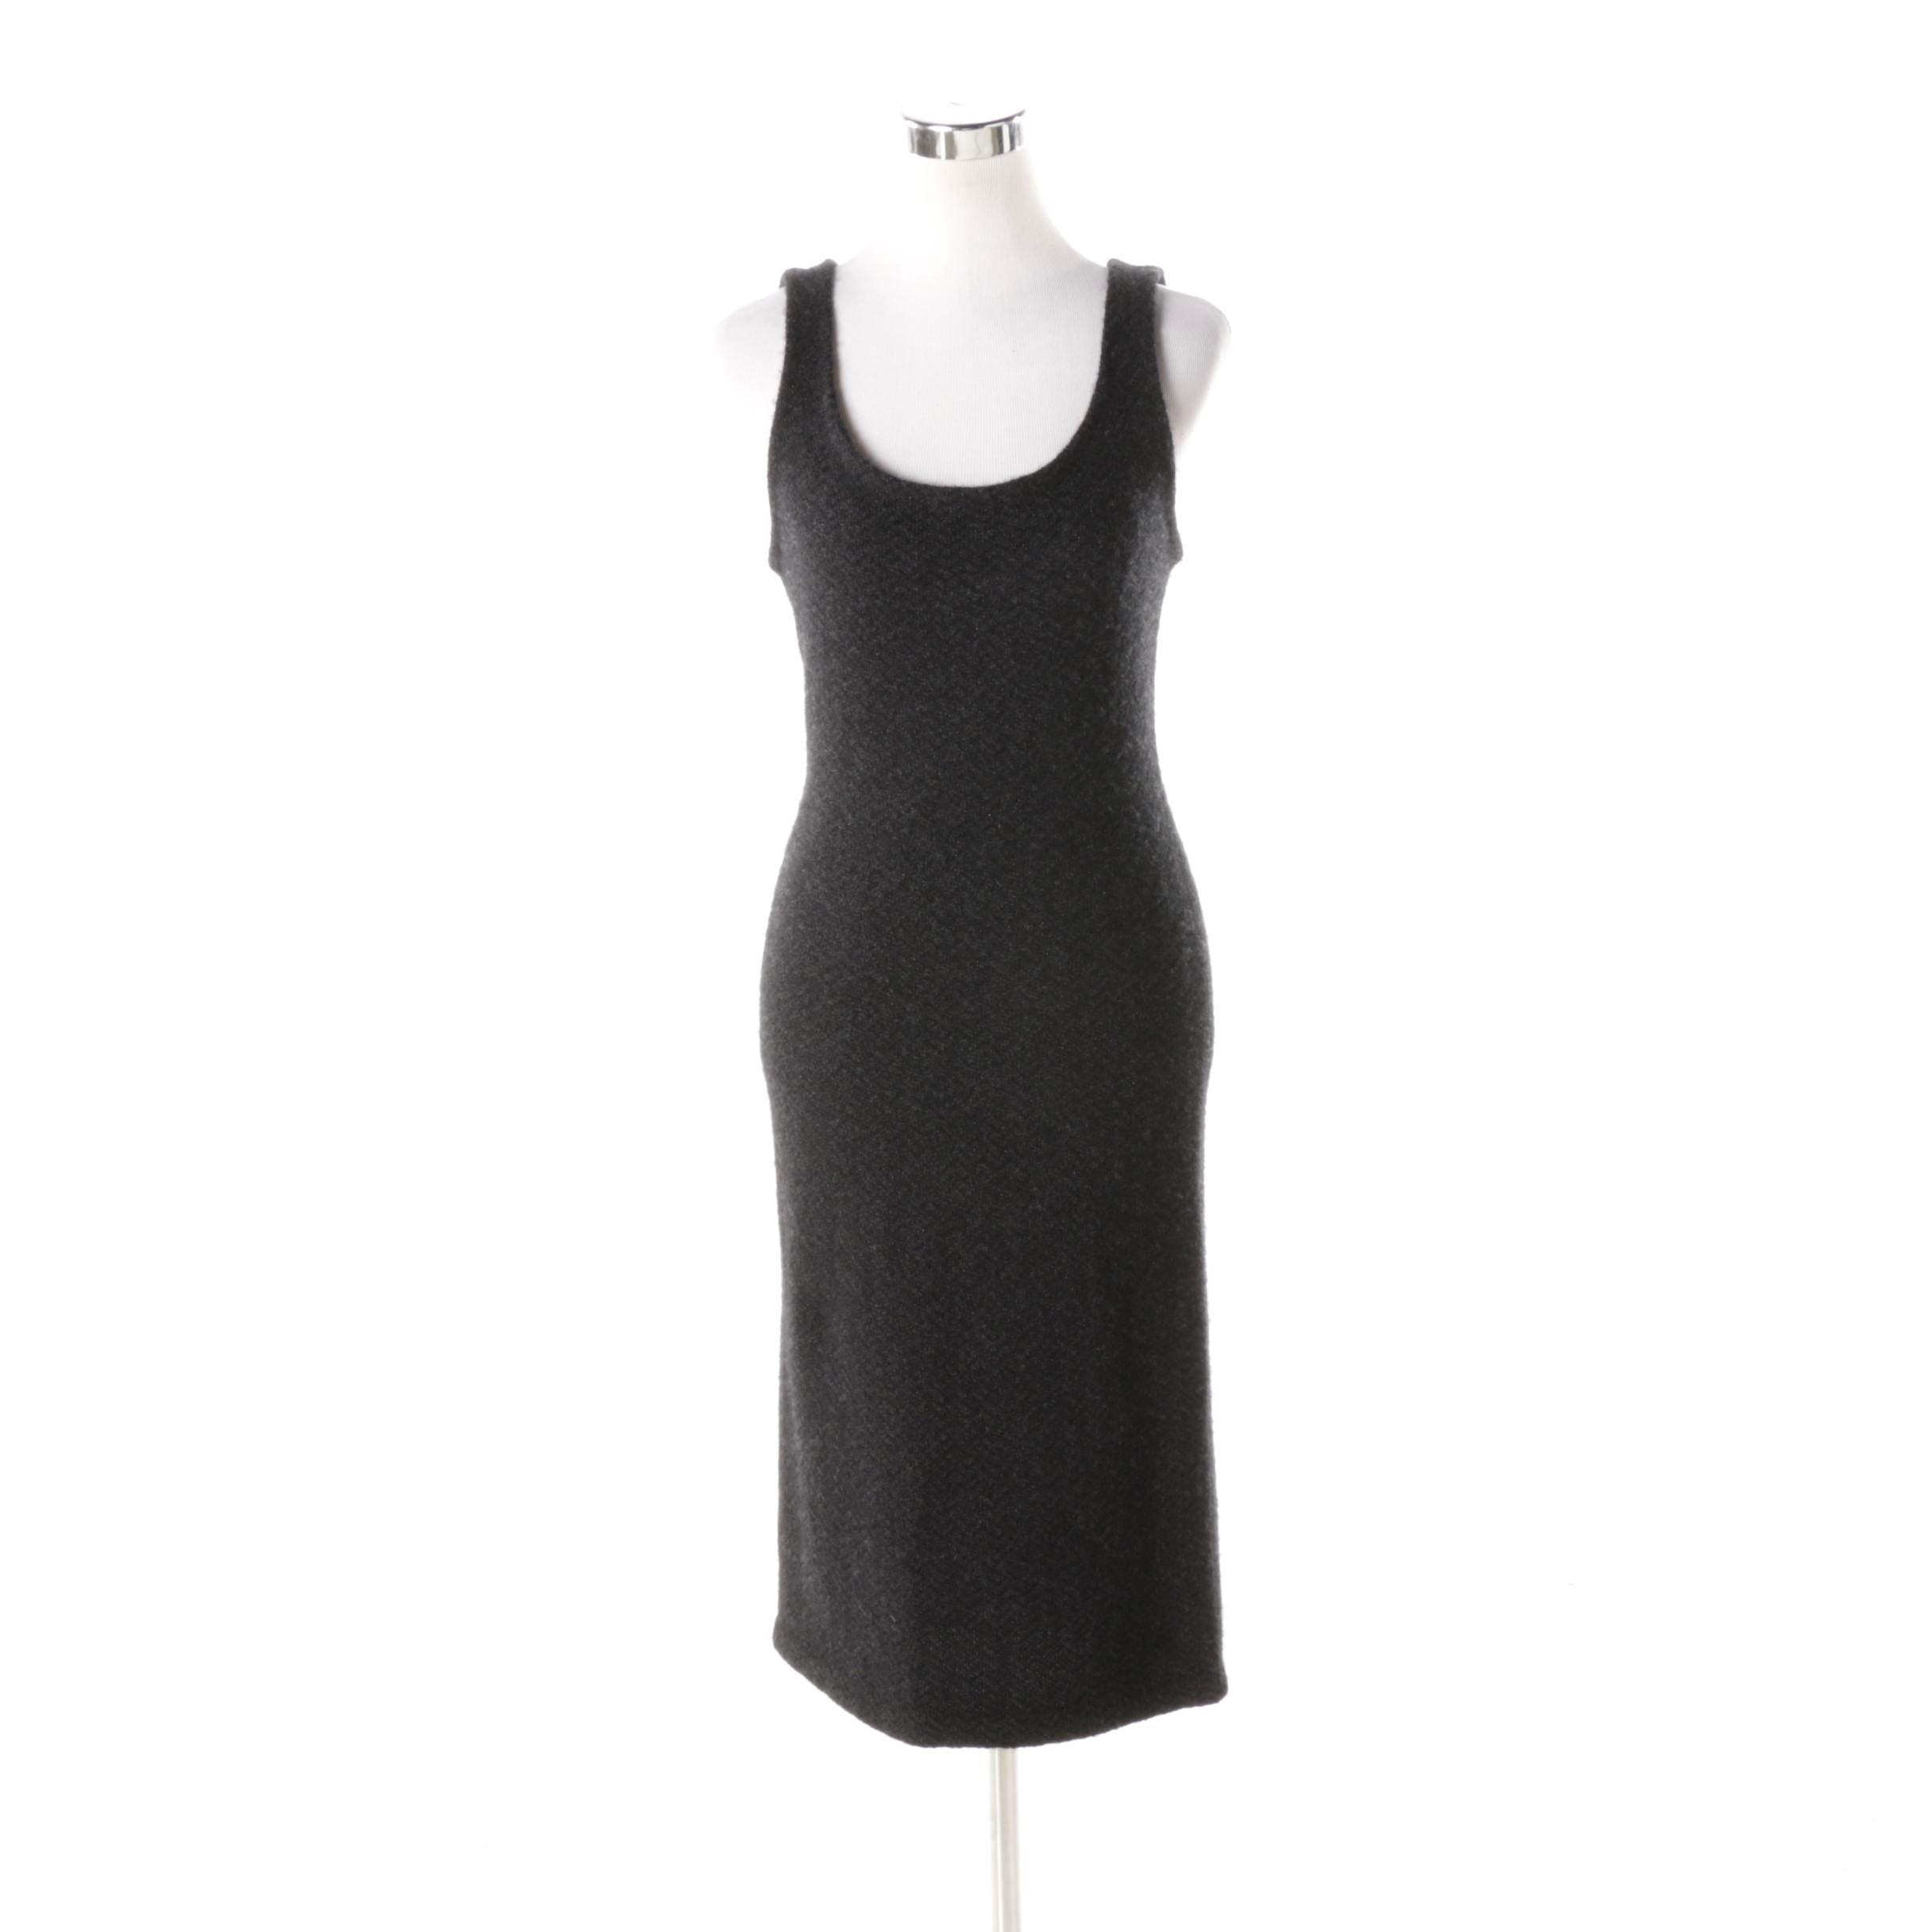 Ralph Lauren Charcoal Grey Cashmere Tank Dress